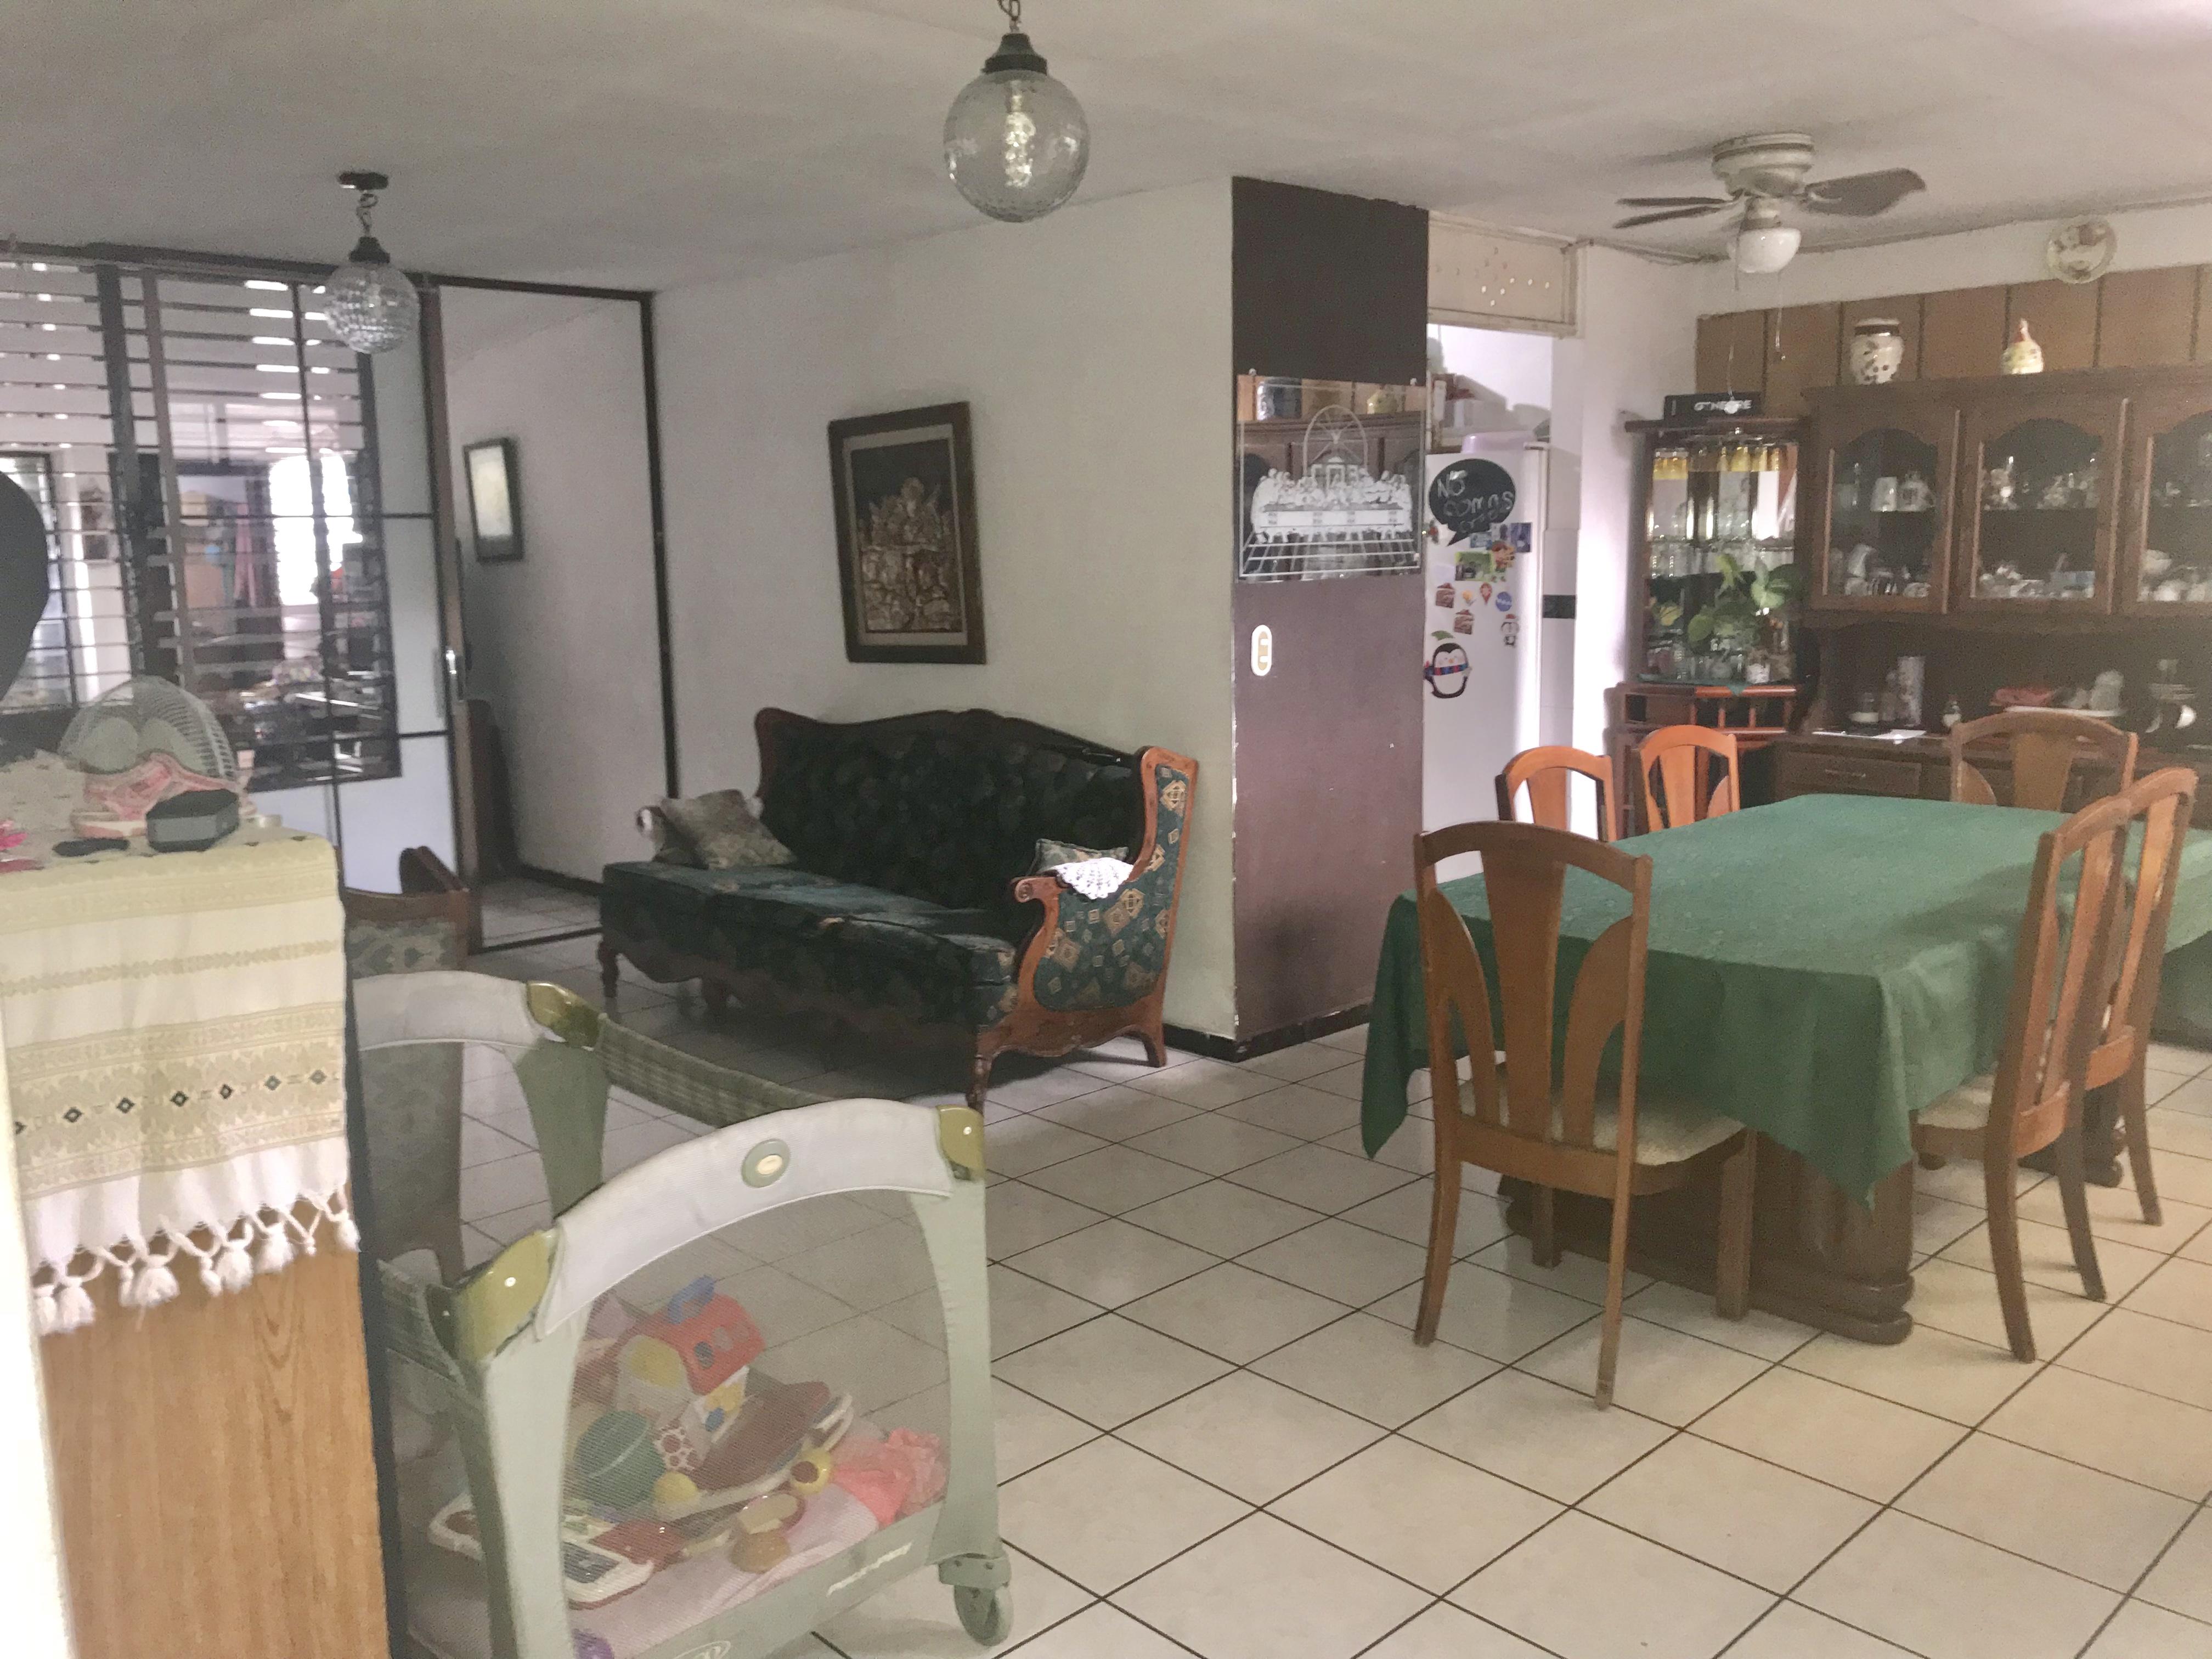 MIA0106 Casa en Venta en Privado Colonia Miramonte sala comedor